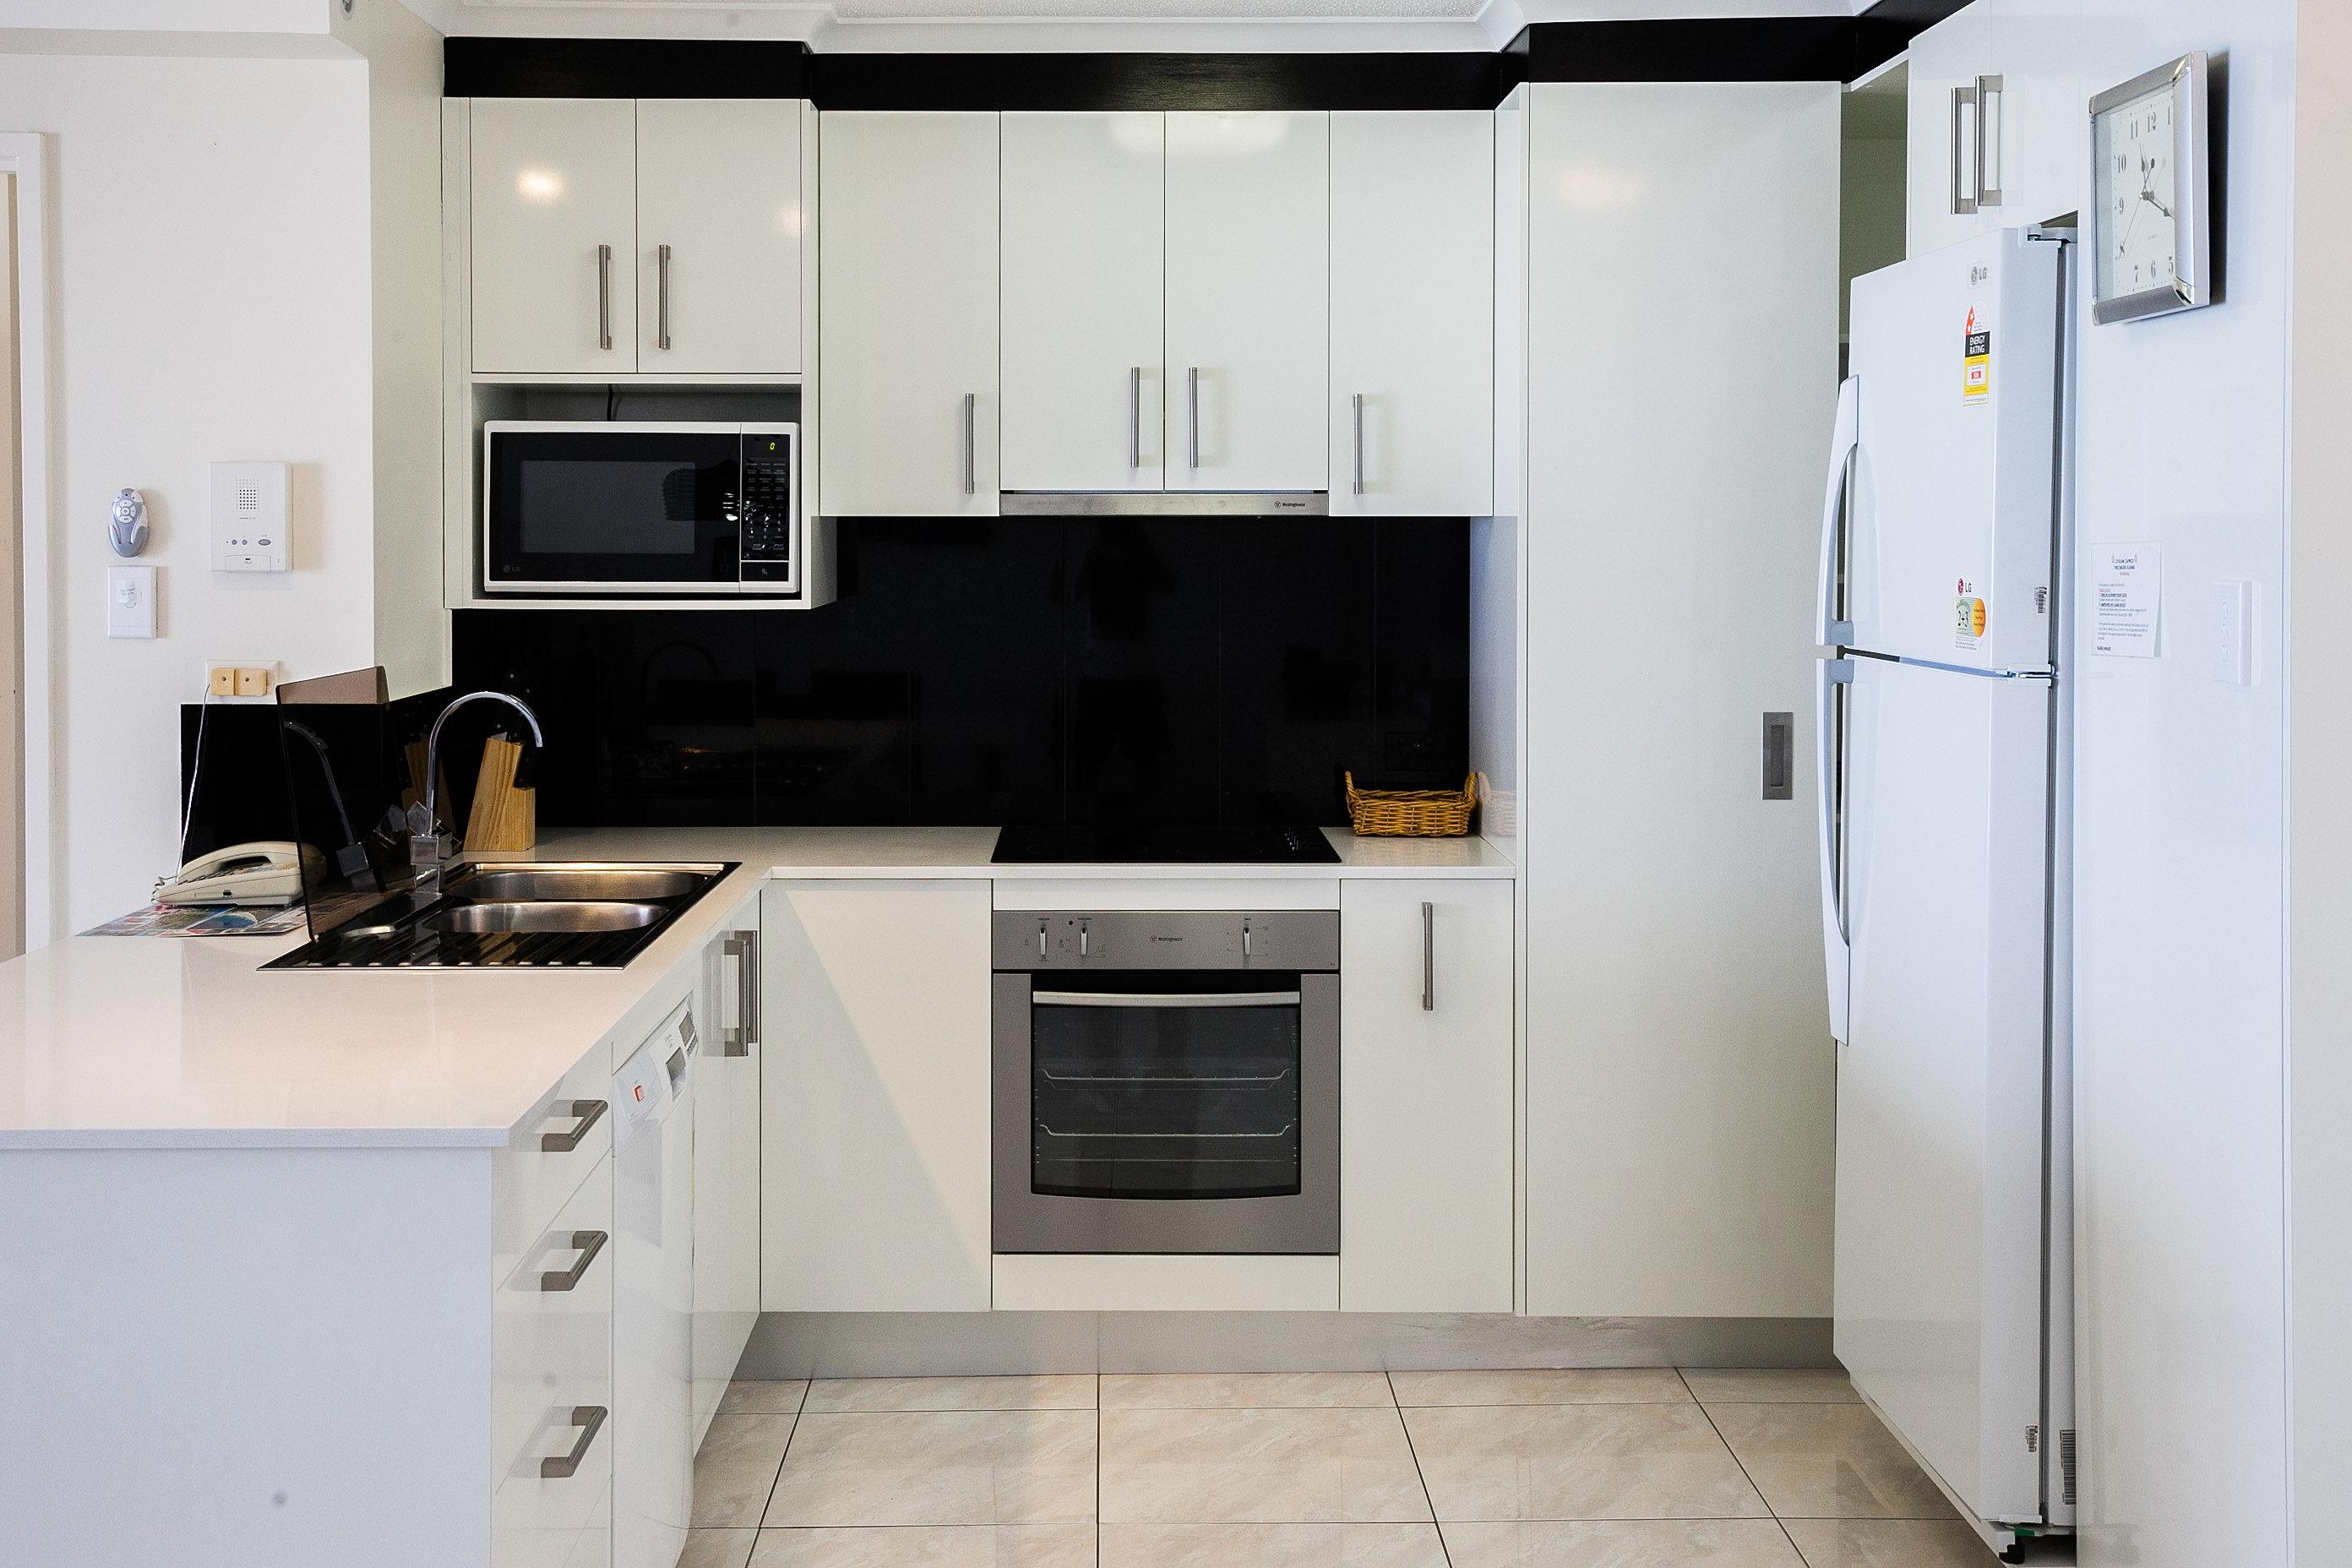 Uncategorized Kitchen Appliances Sunshine Coast coolum beach luxury apartments sunshine coast qld caprice large fully equipped kitchen